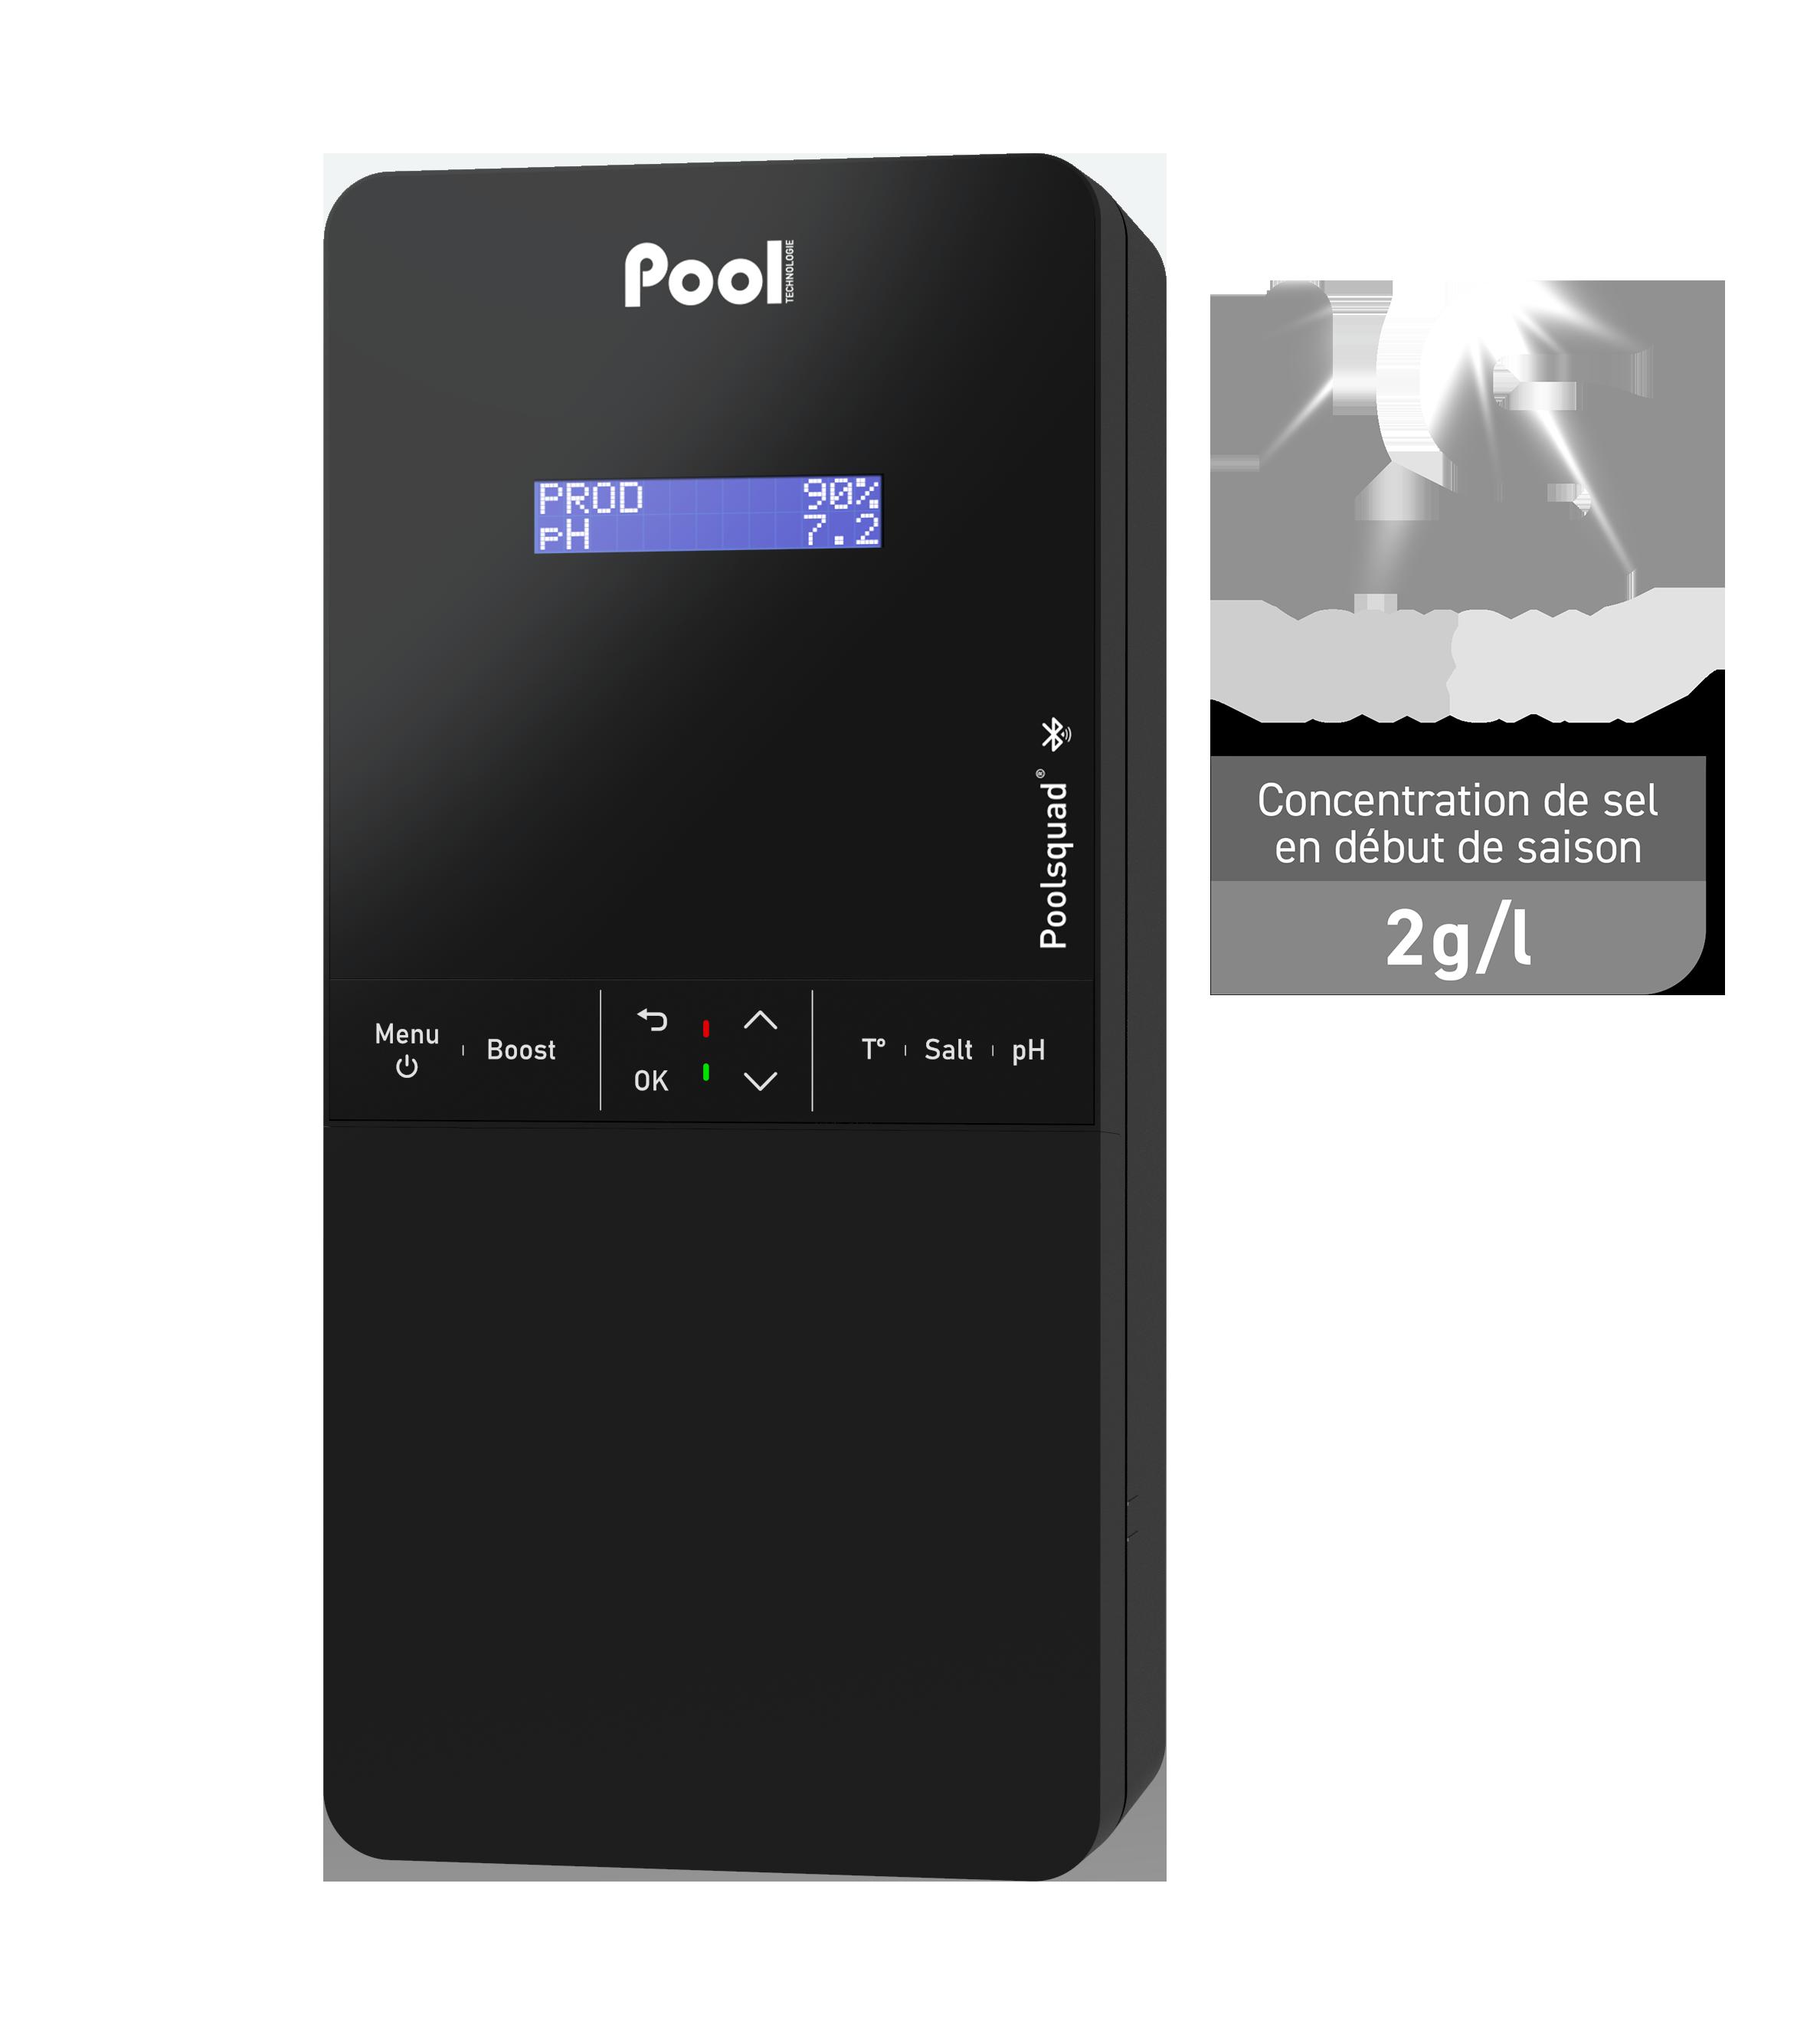 Poolsquad Low Salt électrolyseur de sel régulateur pH